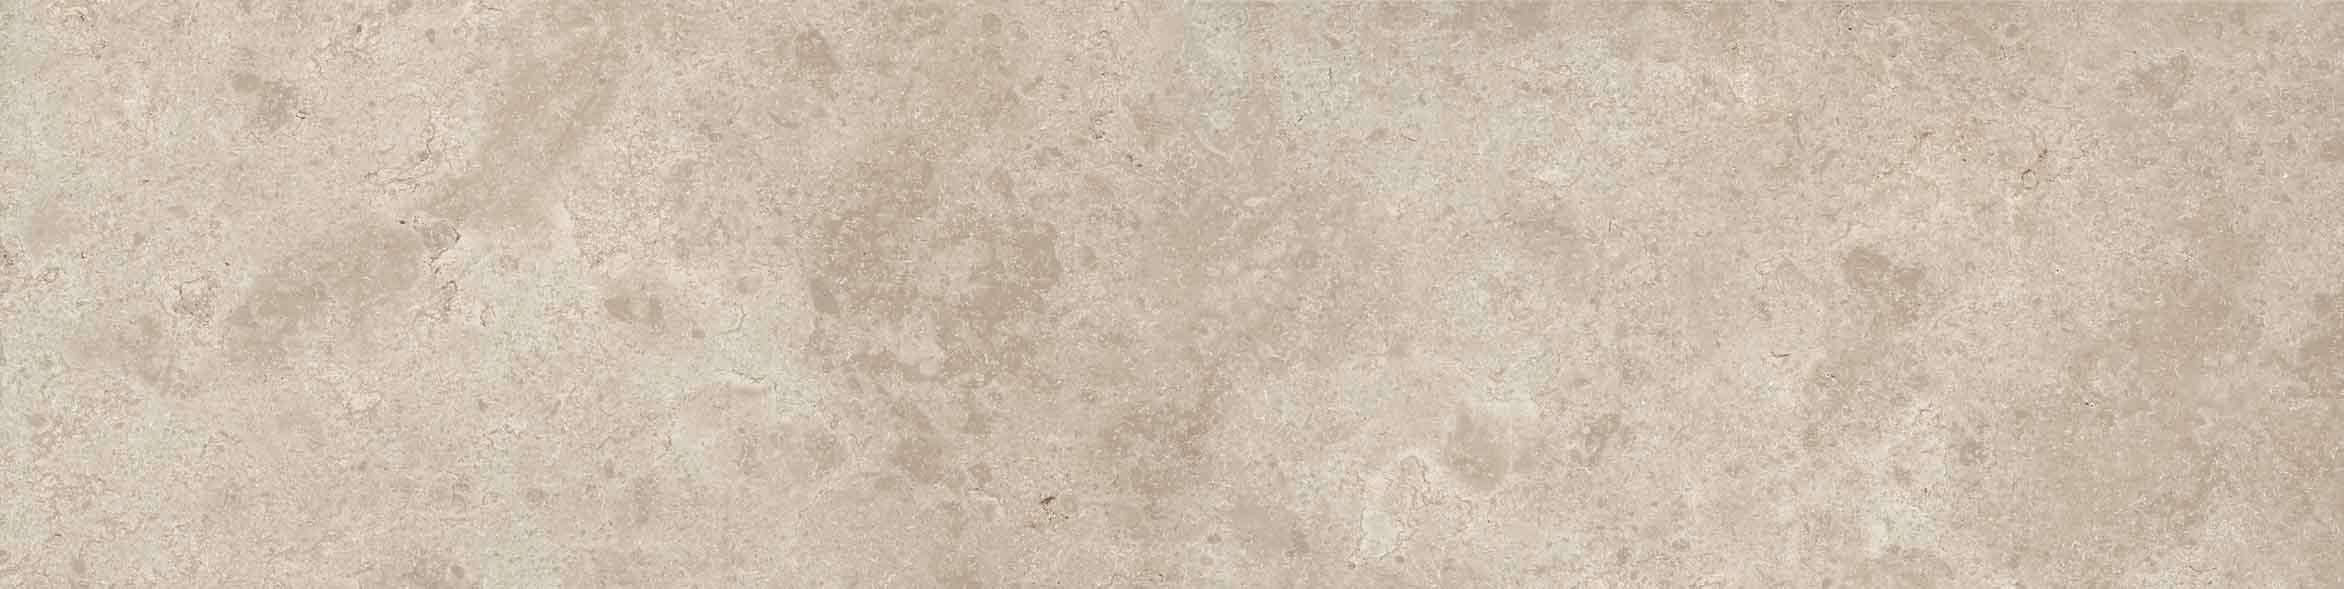 Material Stones of Cerim 01 Matte 10mm 30 x 120